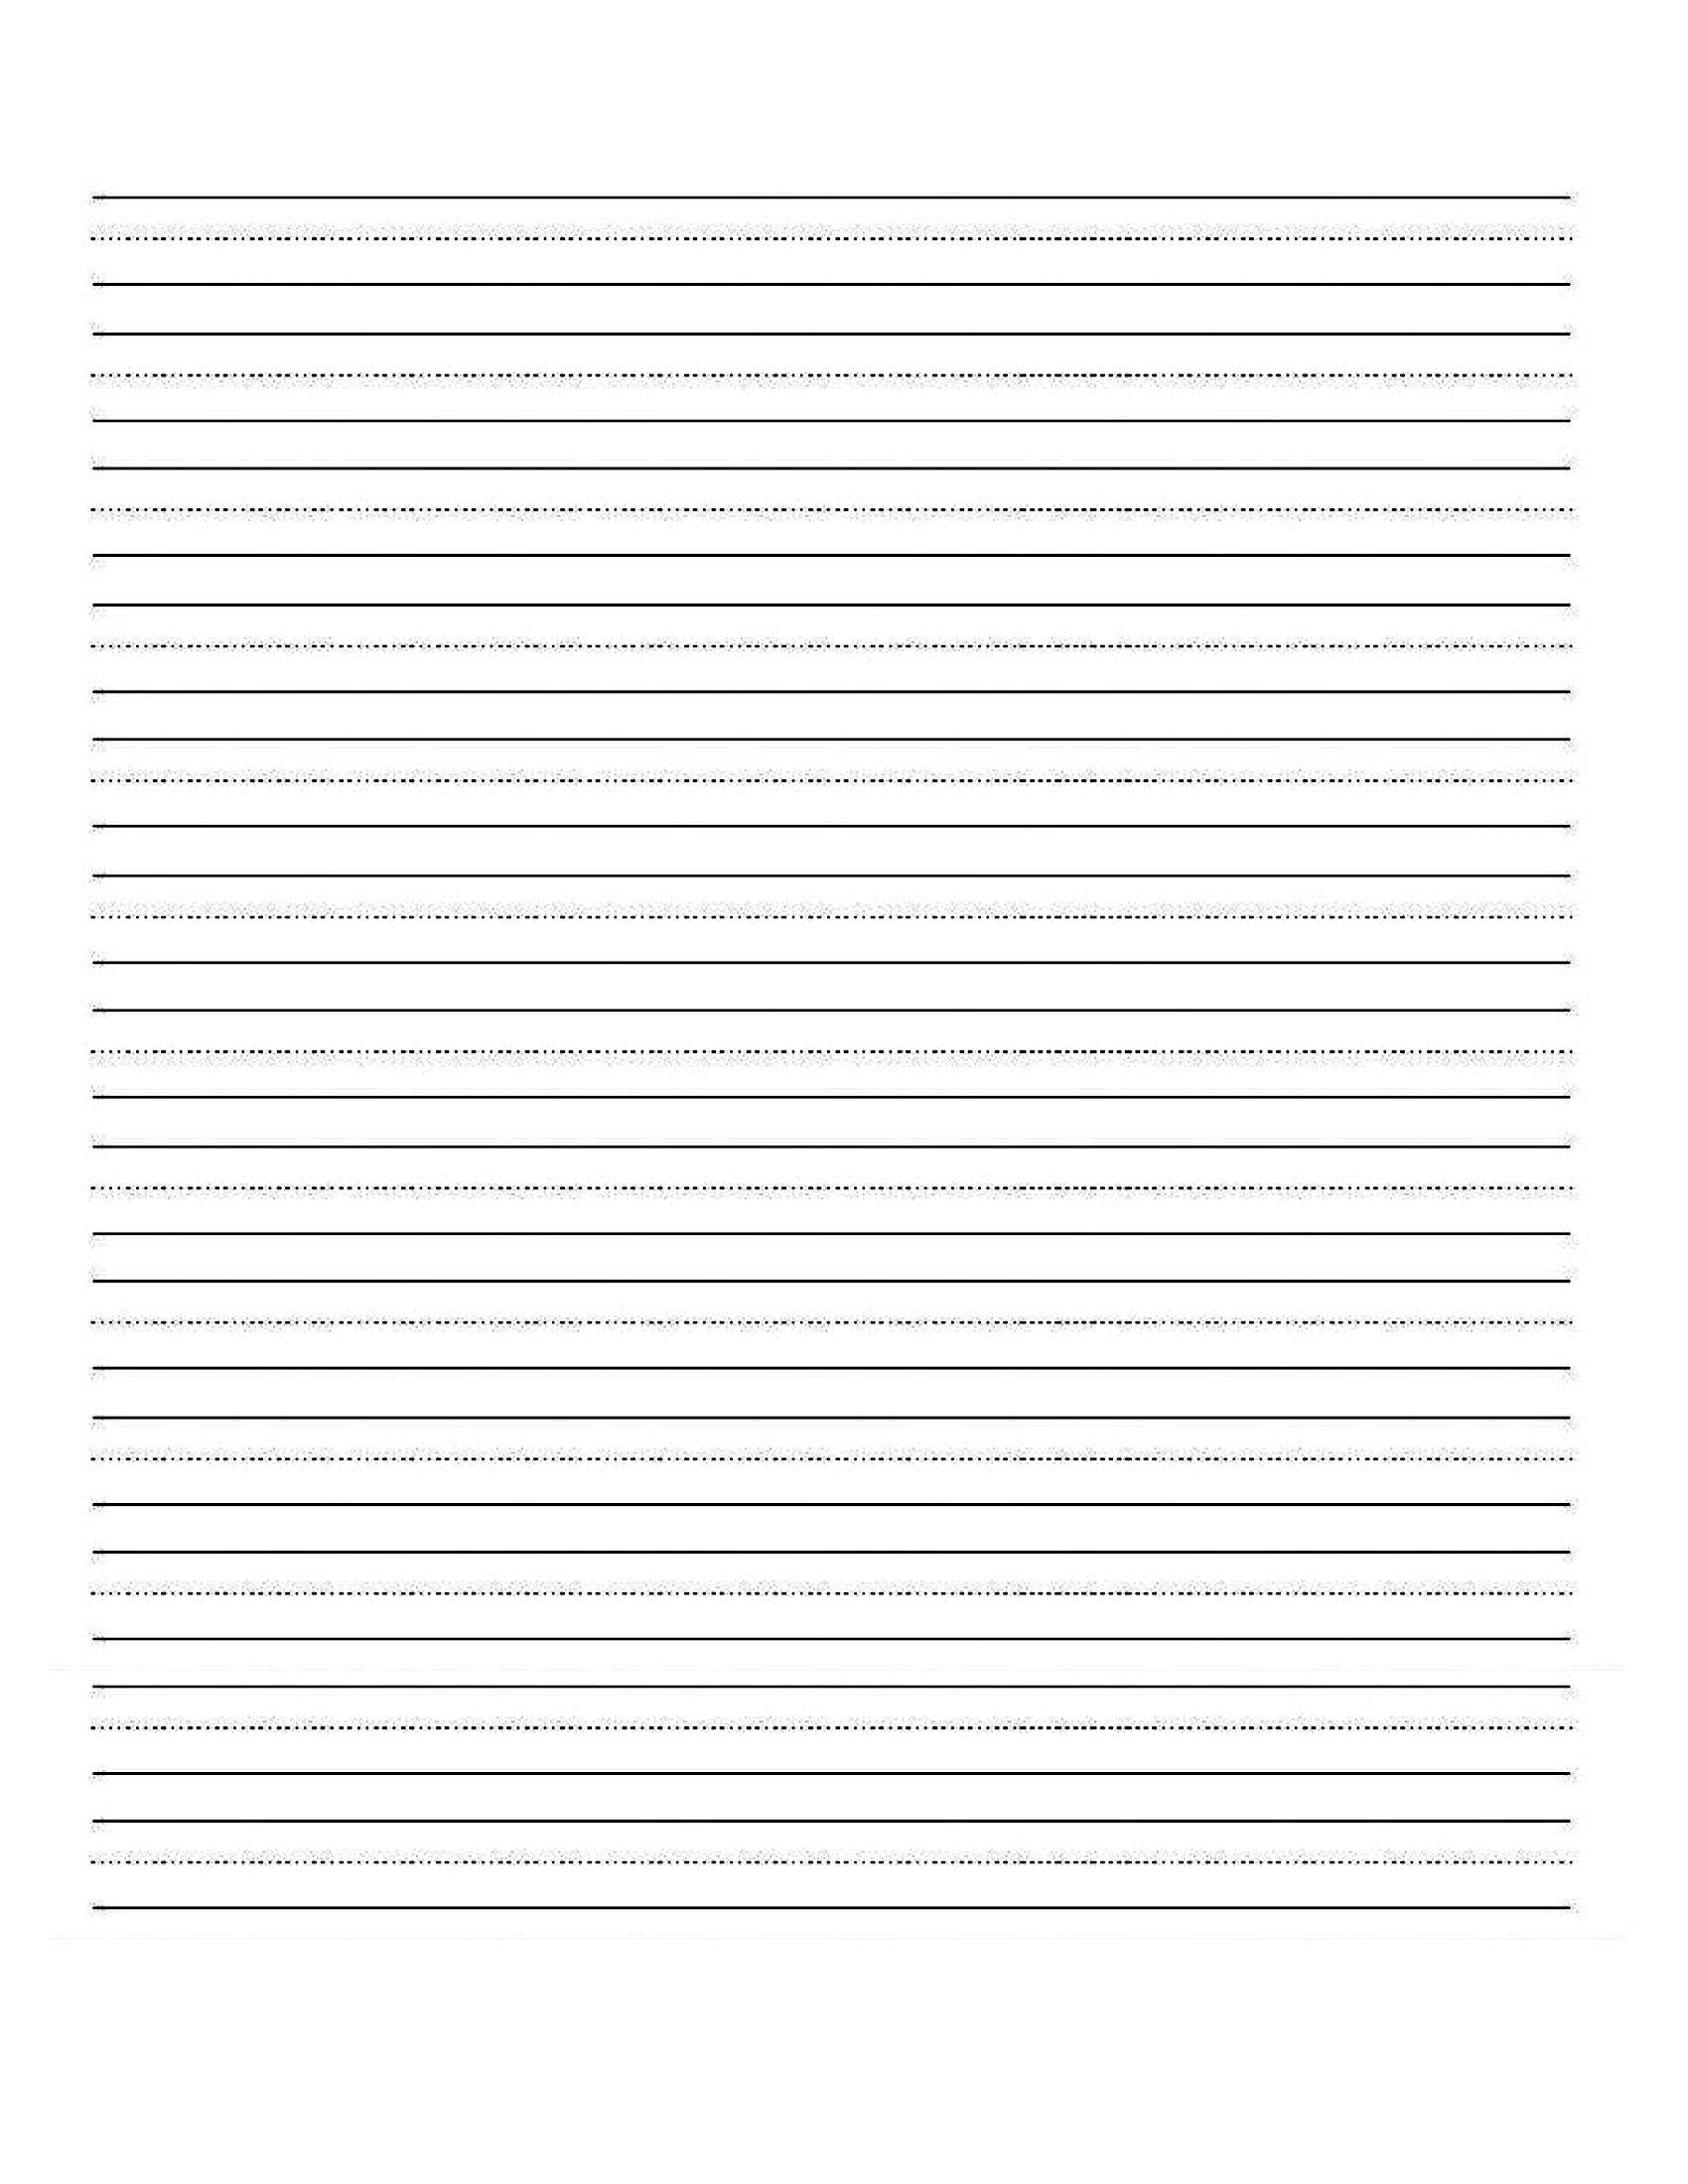 Worksheets For Kindergarten Reading Handwriting Worksheets The Months Of Cursive Writing Worksheets Writing Practice Sheets Handwriting Practice Worksheets